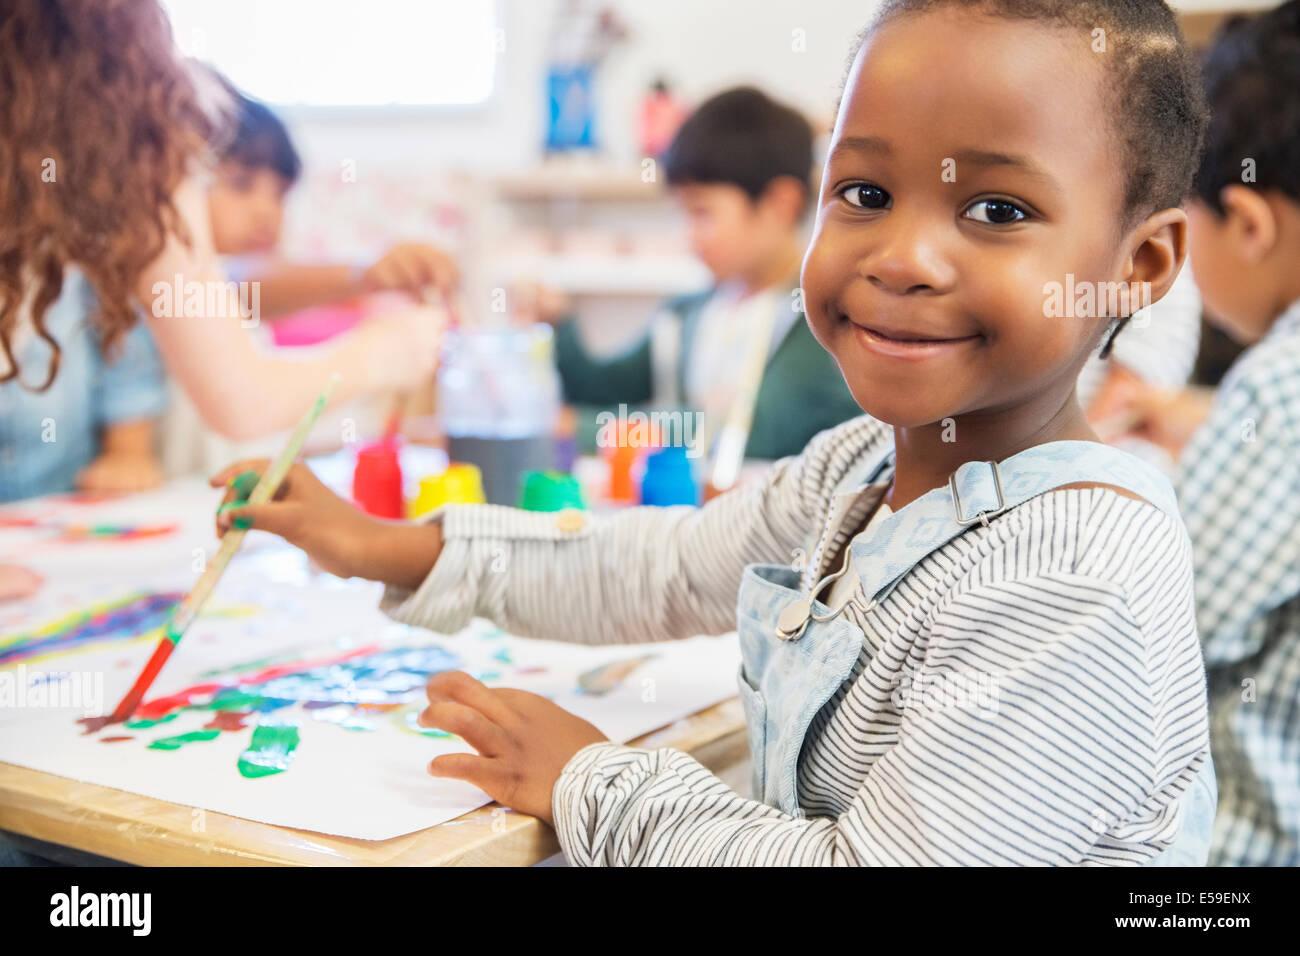 Malerei in der Klasse Schüler Stockbild